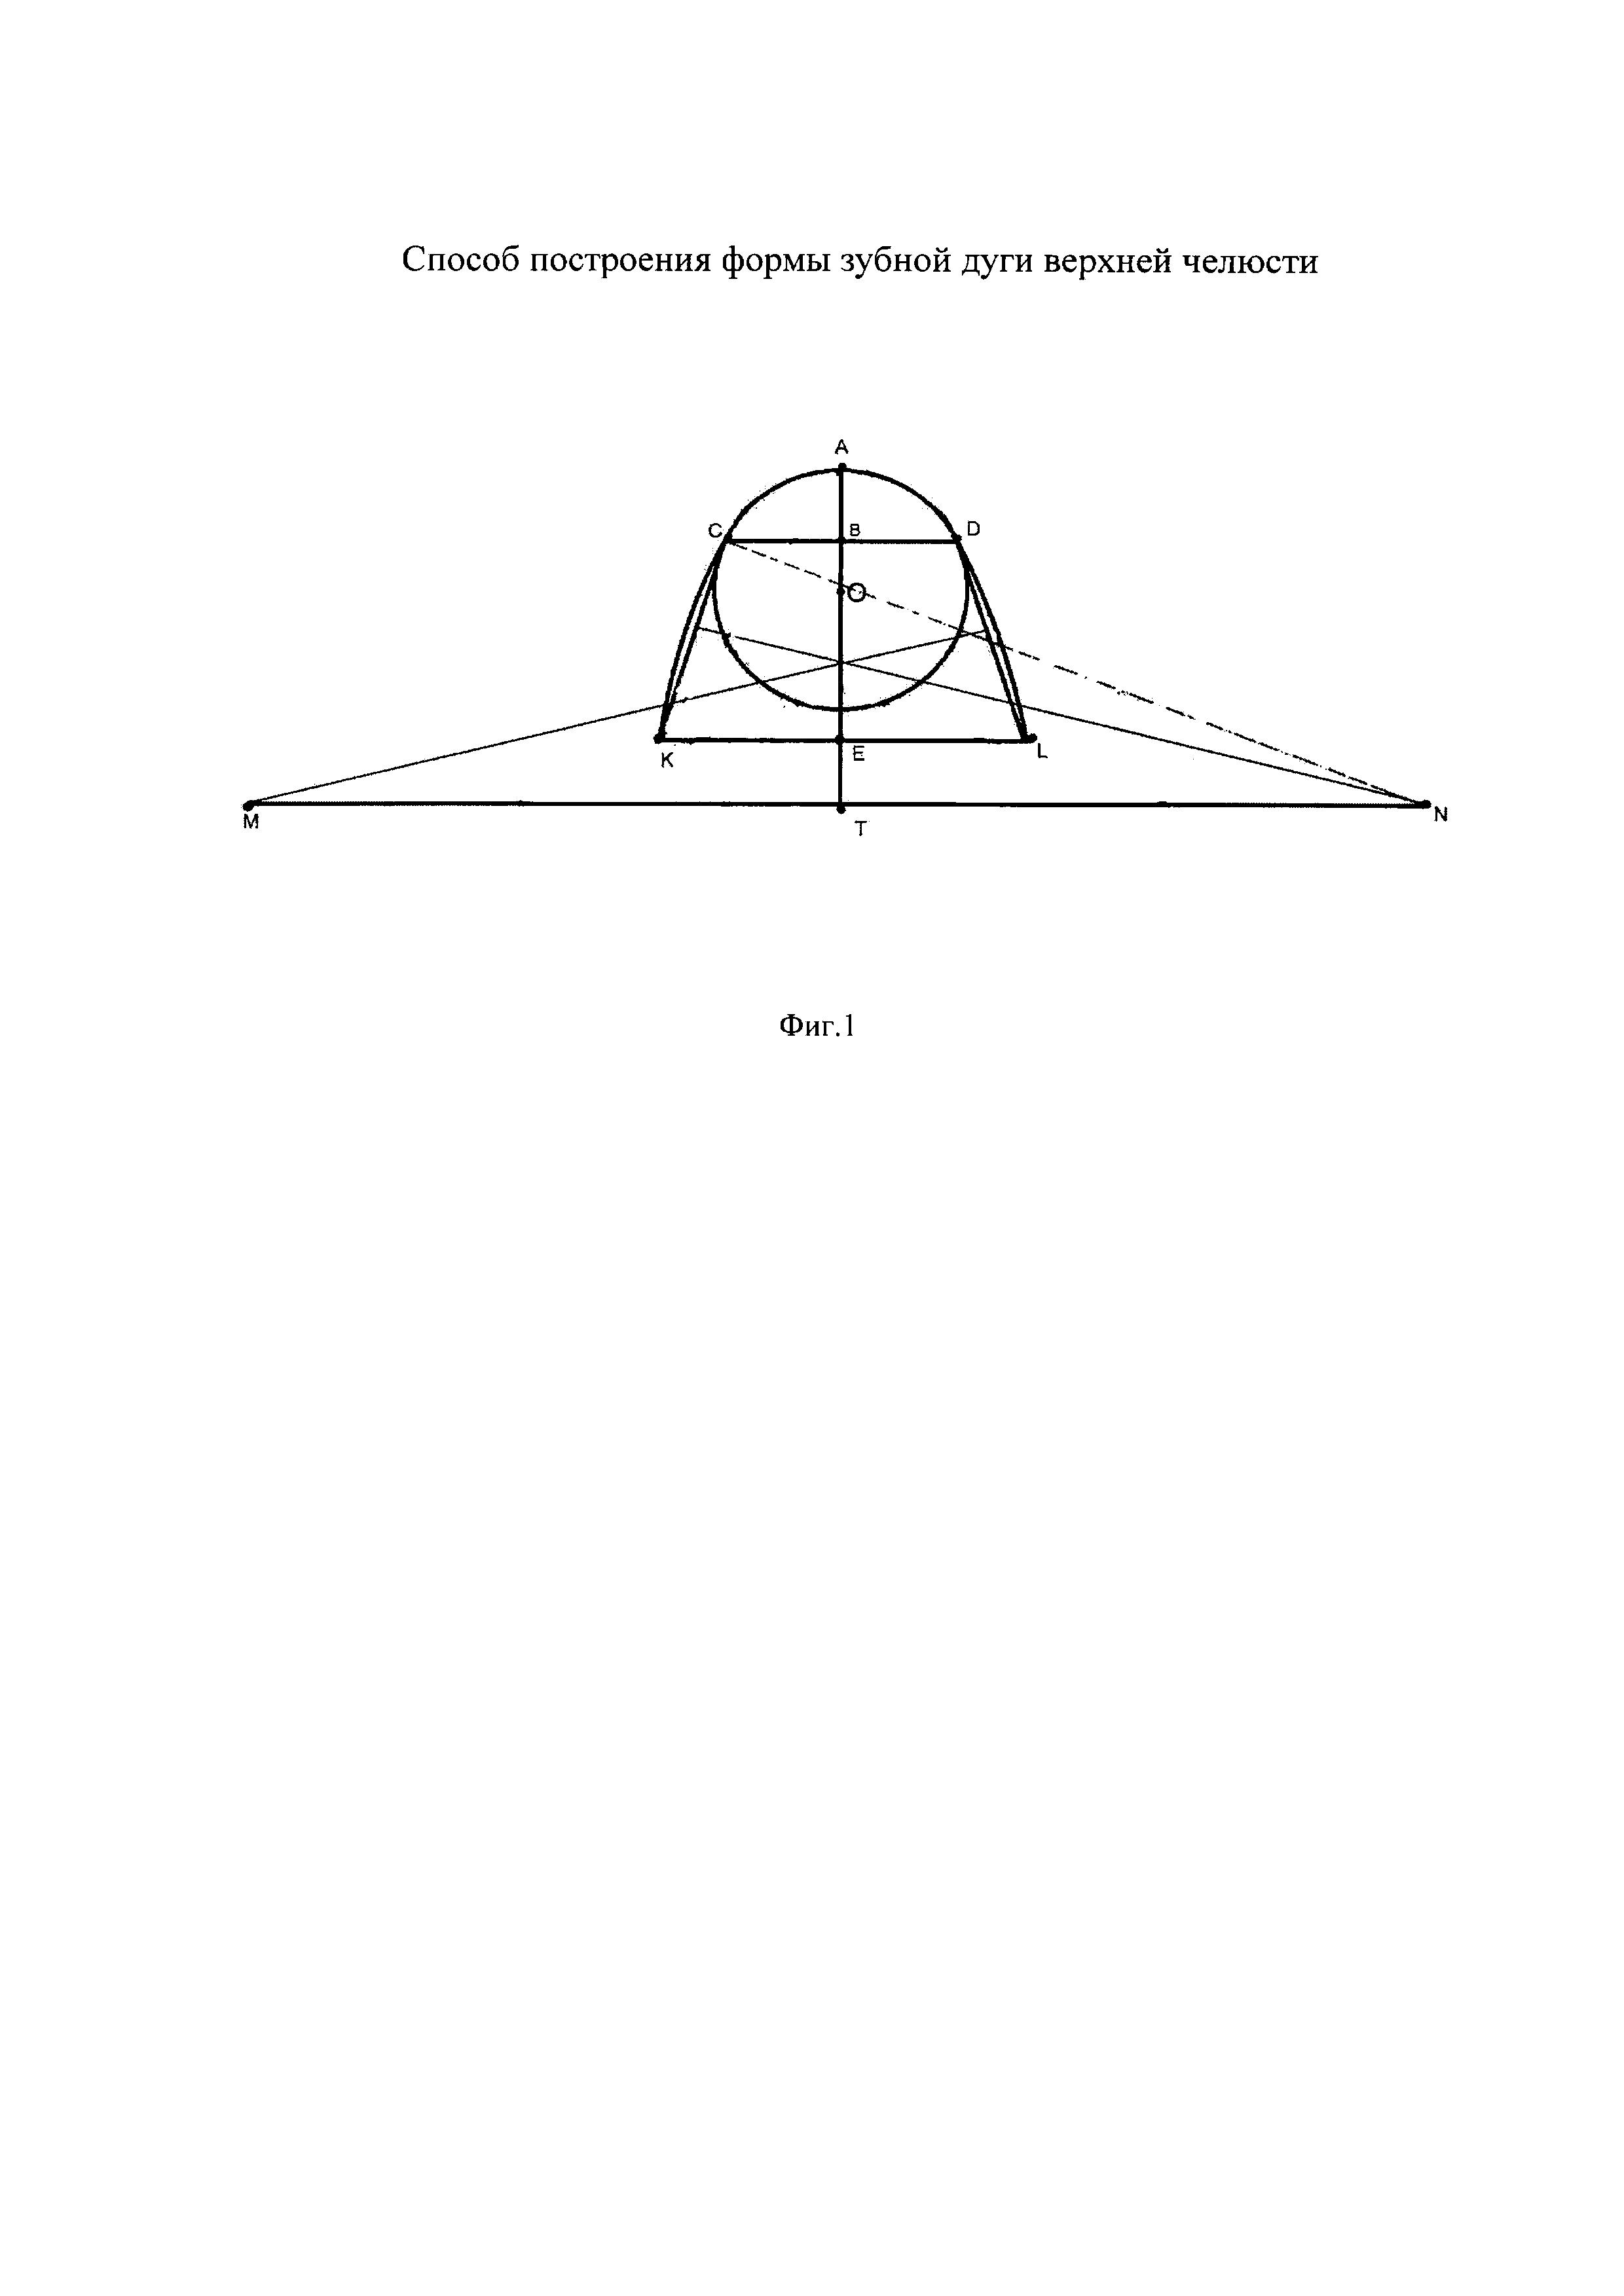 Способ построения формы зубной дуги верхней челюсти